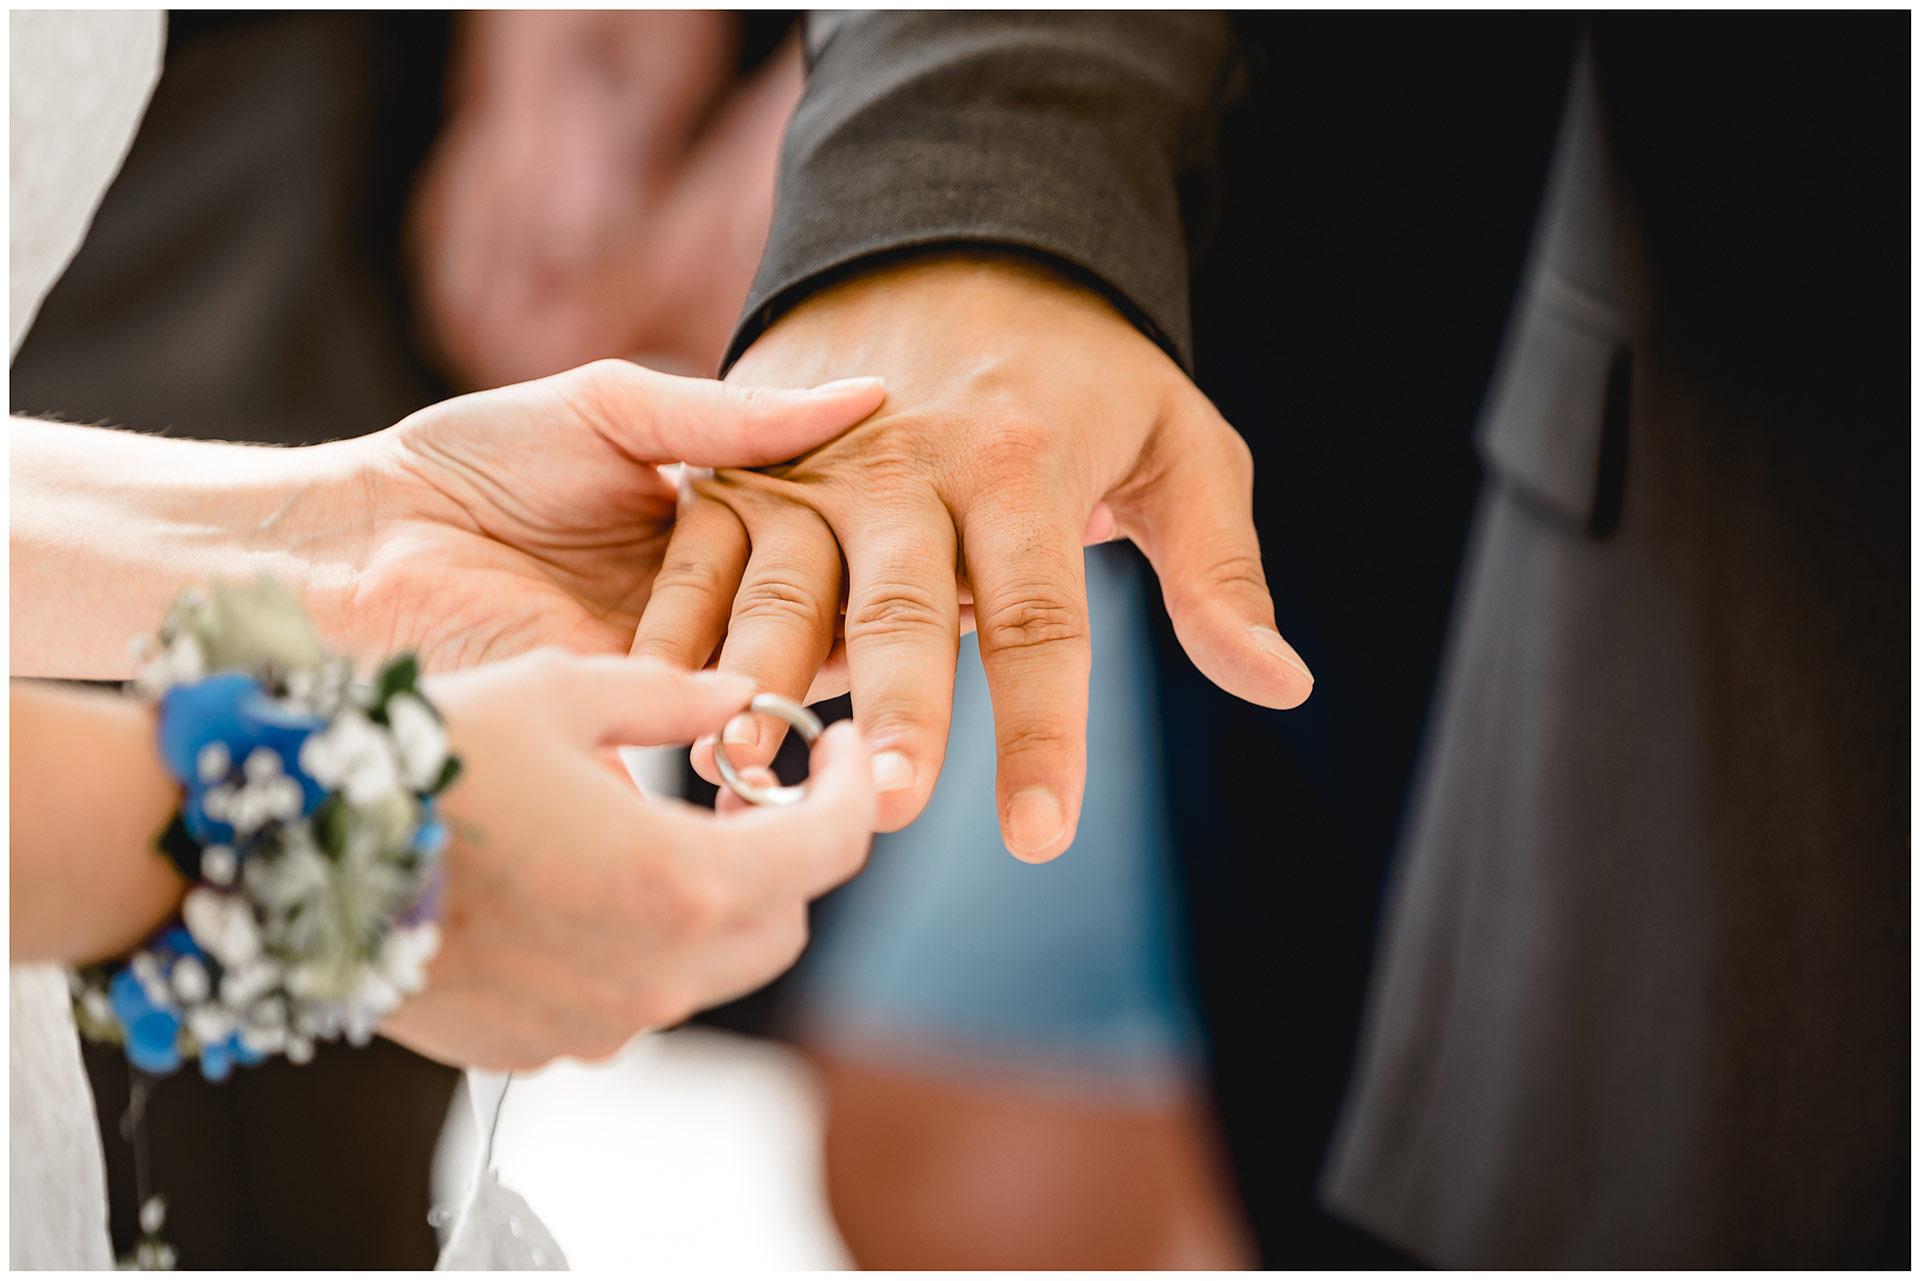 Braut-steckt-Braeutigam-den-Ehering-auf-Hochzeit-am-Strand-Hochzeitsfotograf-Warnemuende-Hochzeitsfotograf-Rostock-Hochzeitsfotograf-Ostseebad-Warnemuende